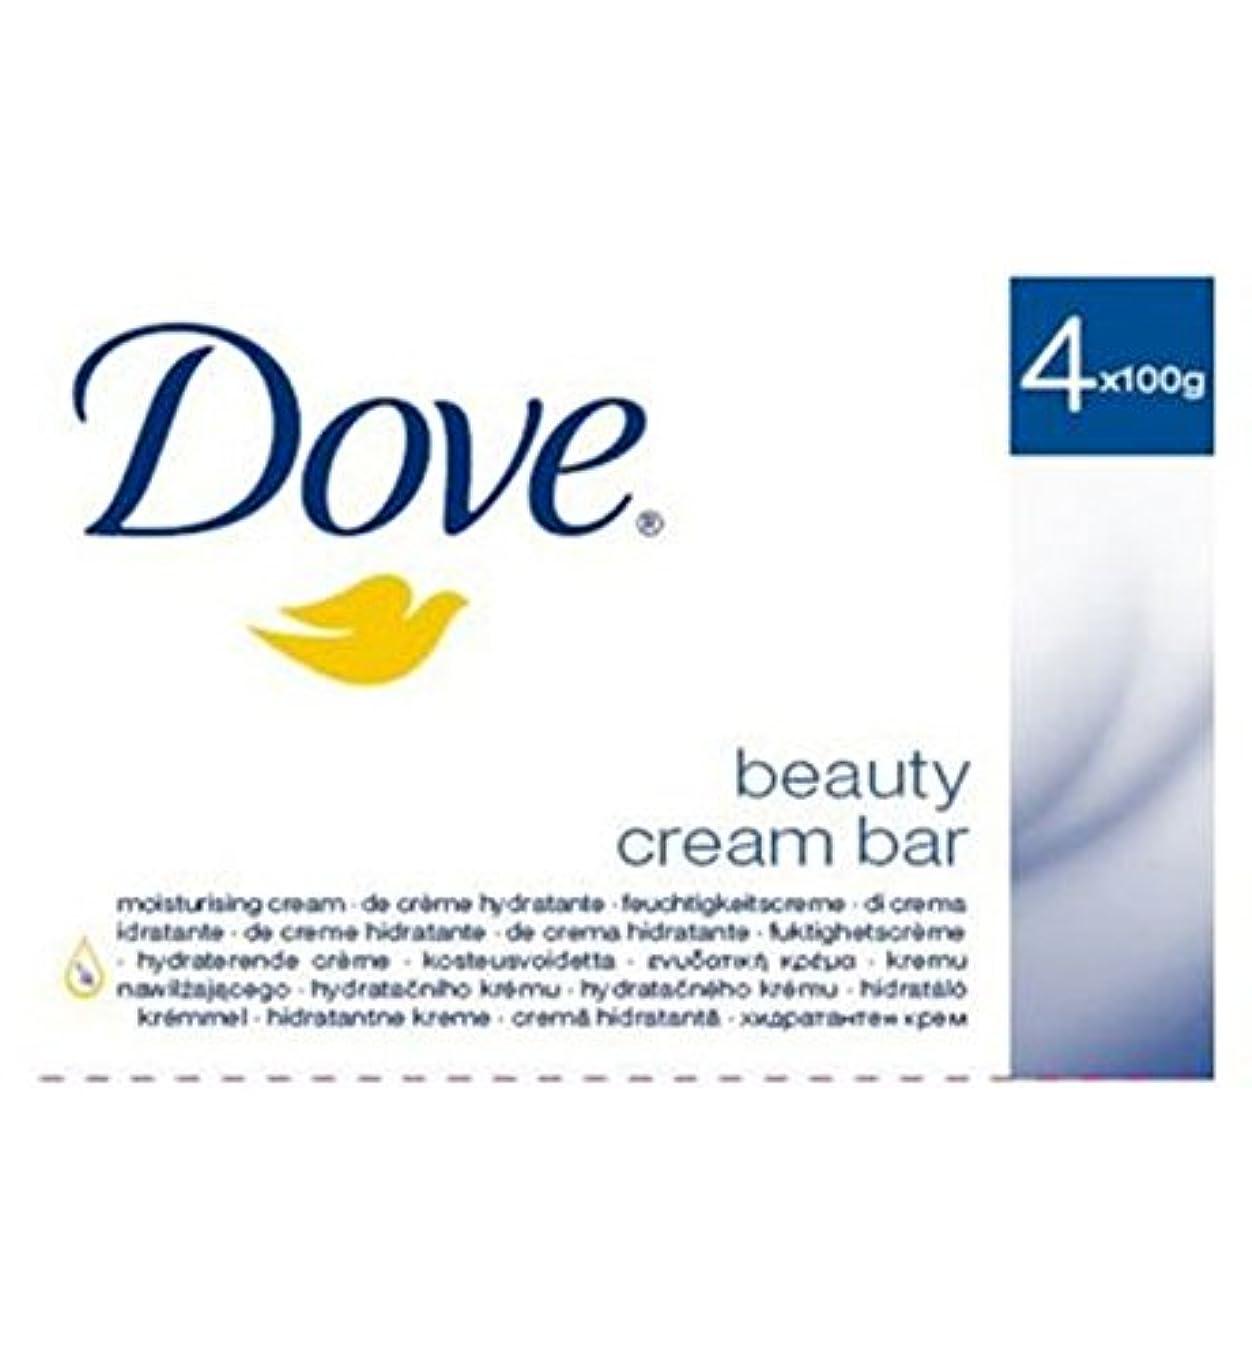 魔法引く入手しますDove Original Beauty Cream Bar 4 x 100g - 鳩元の美しさのクリームバー4のX 100グラム (Dove) [並行輸入品]